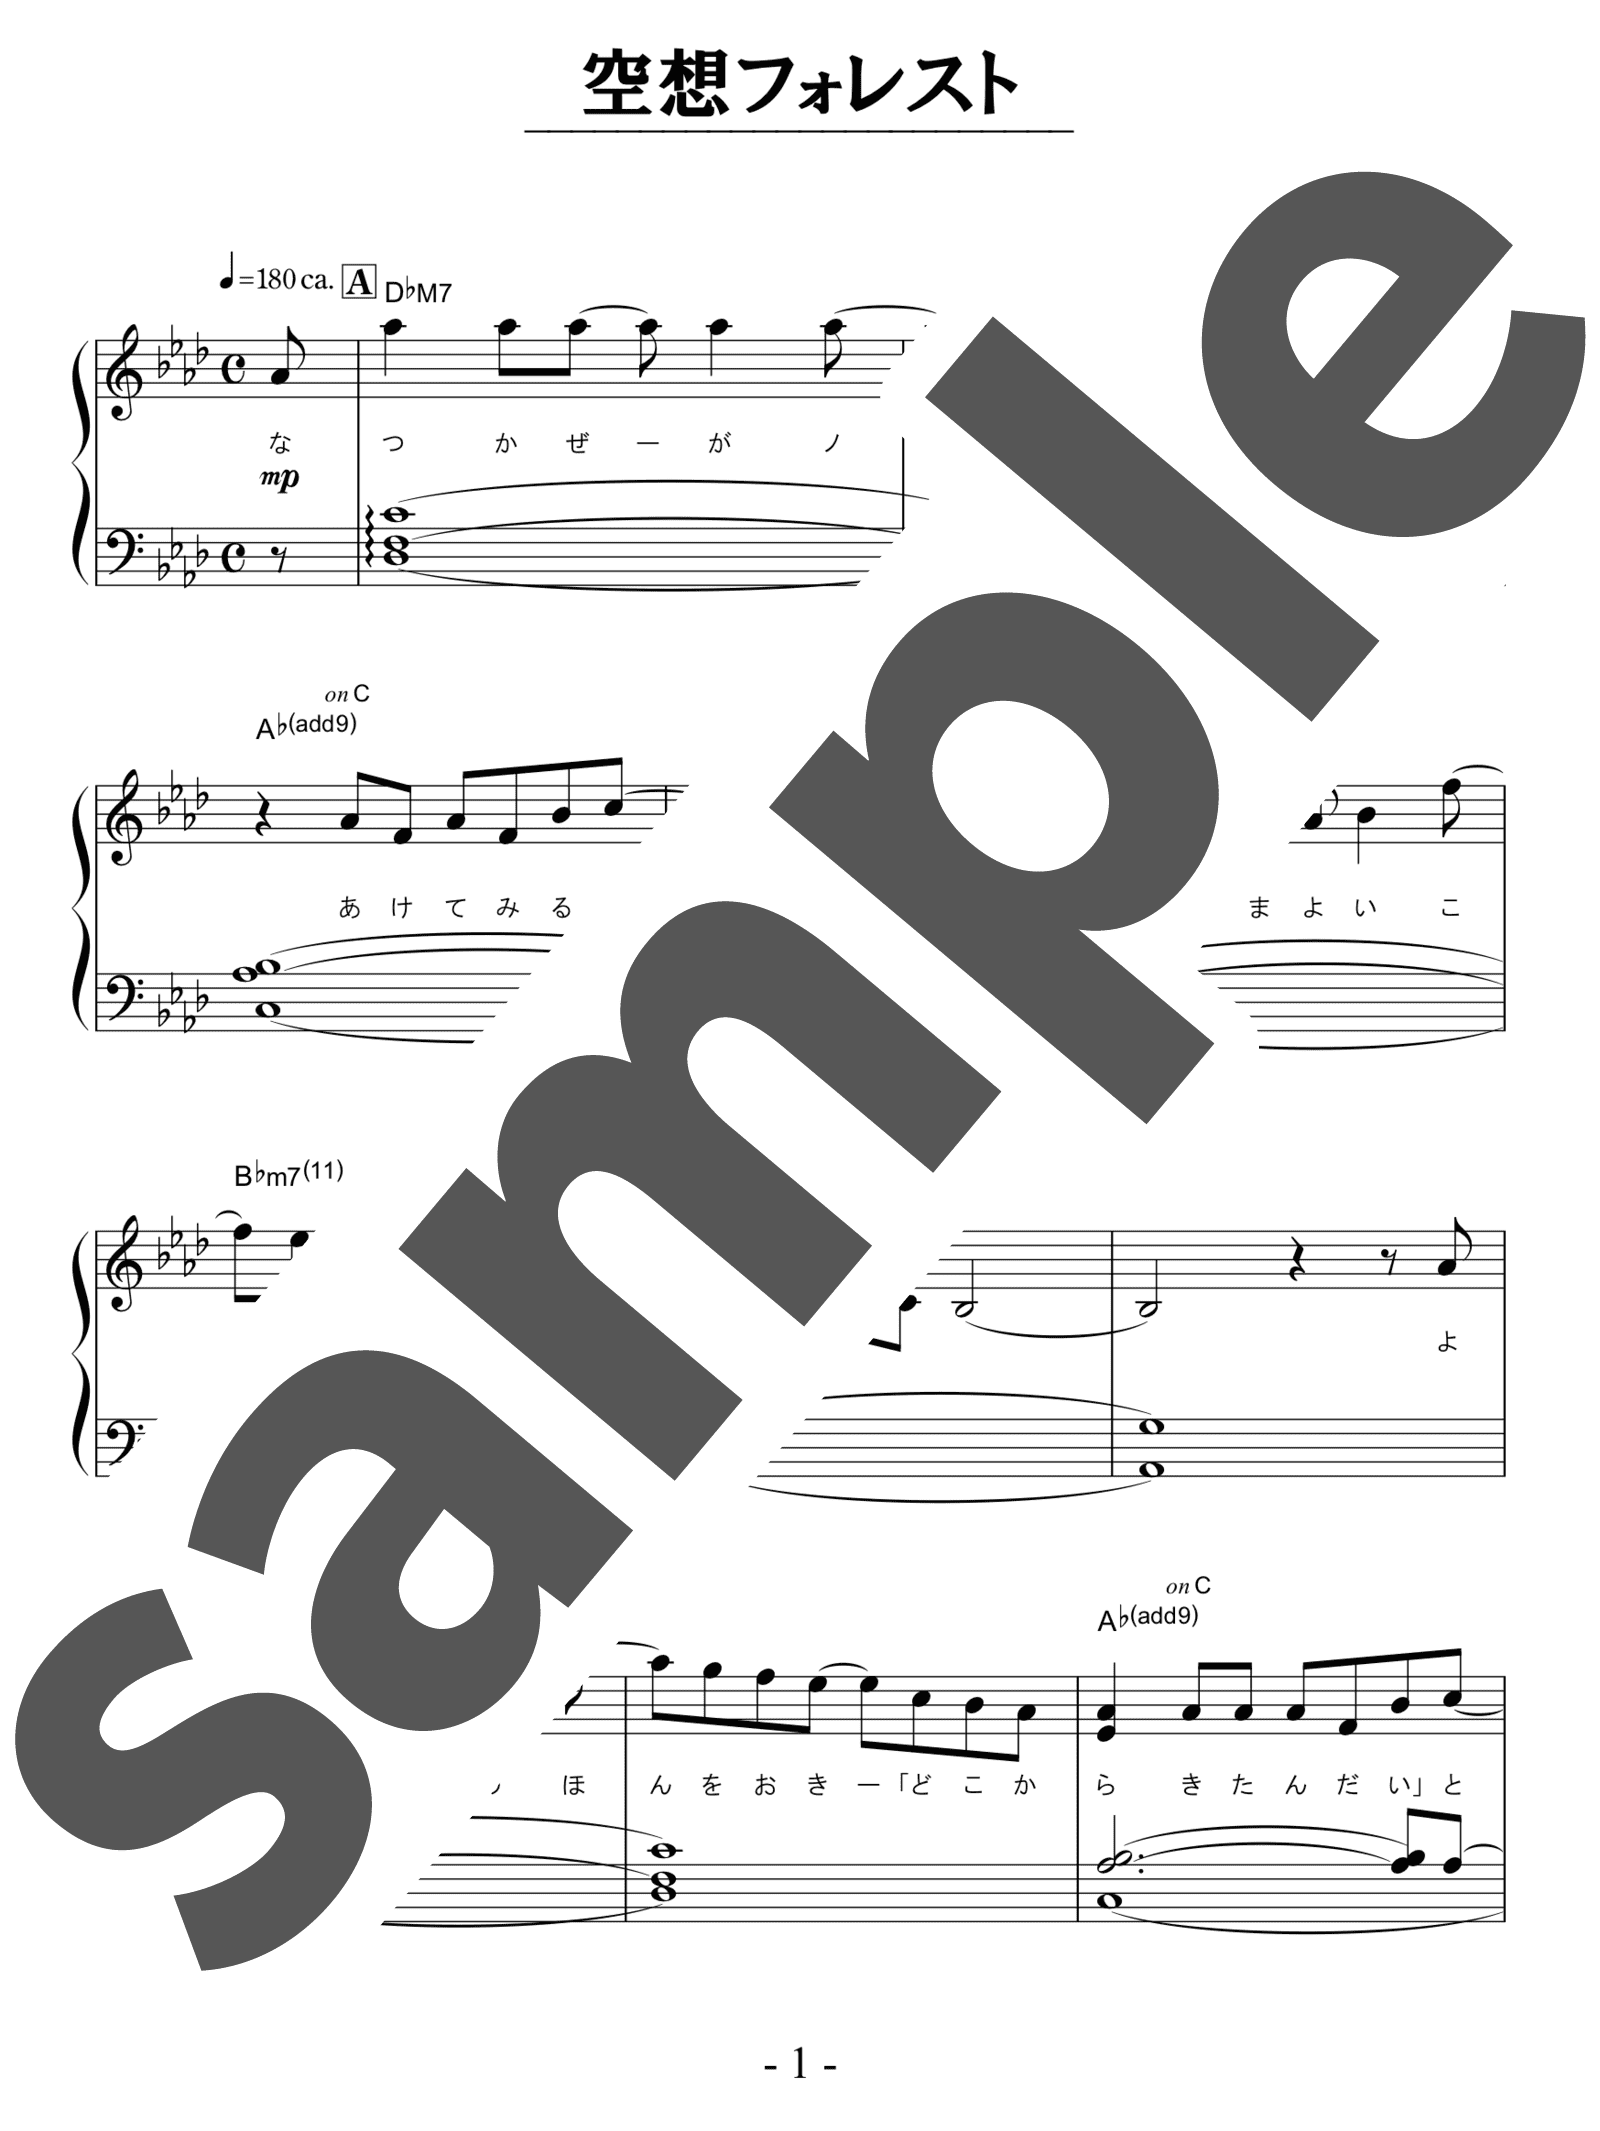 「空想フォレスト」のサンプル楽譜